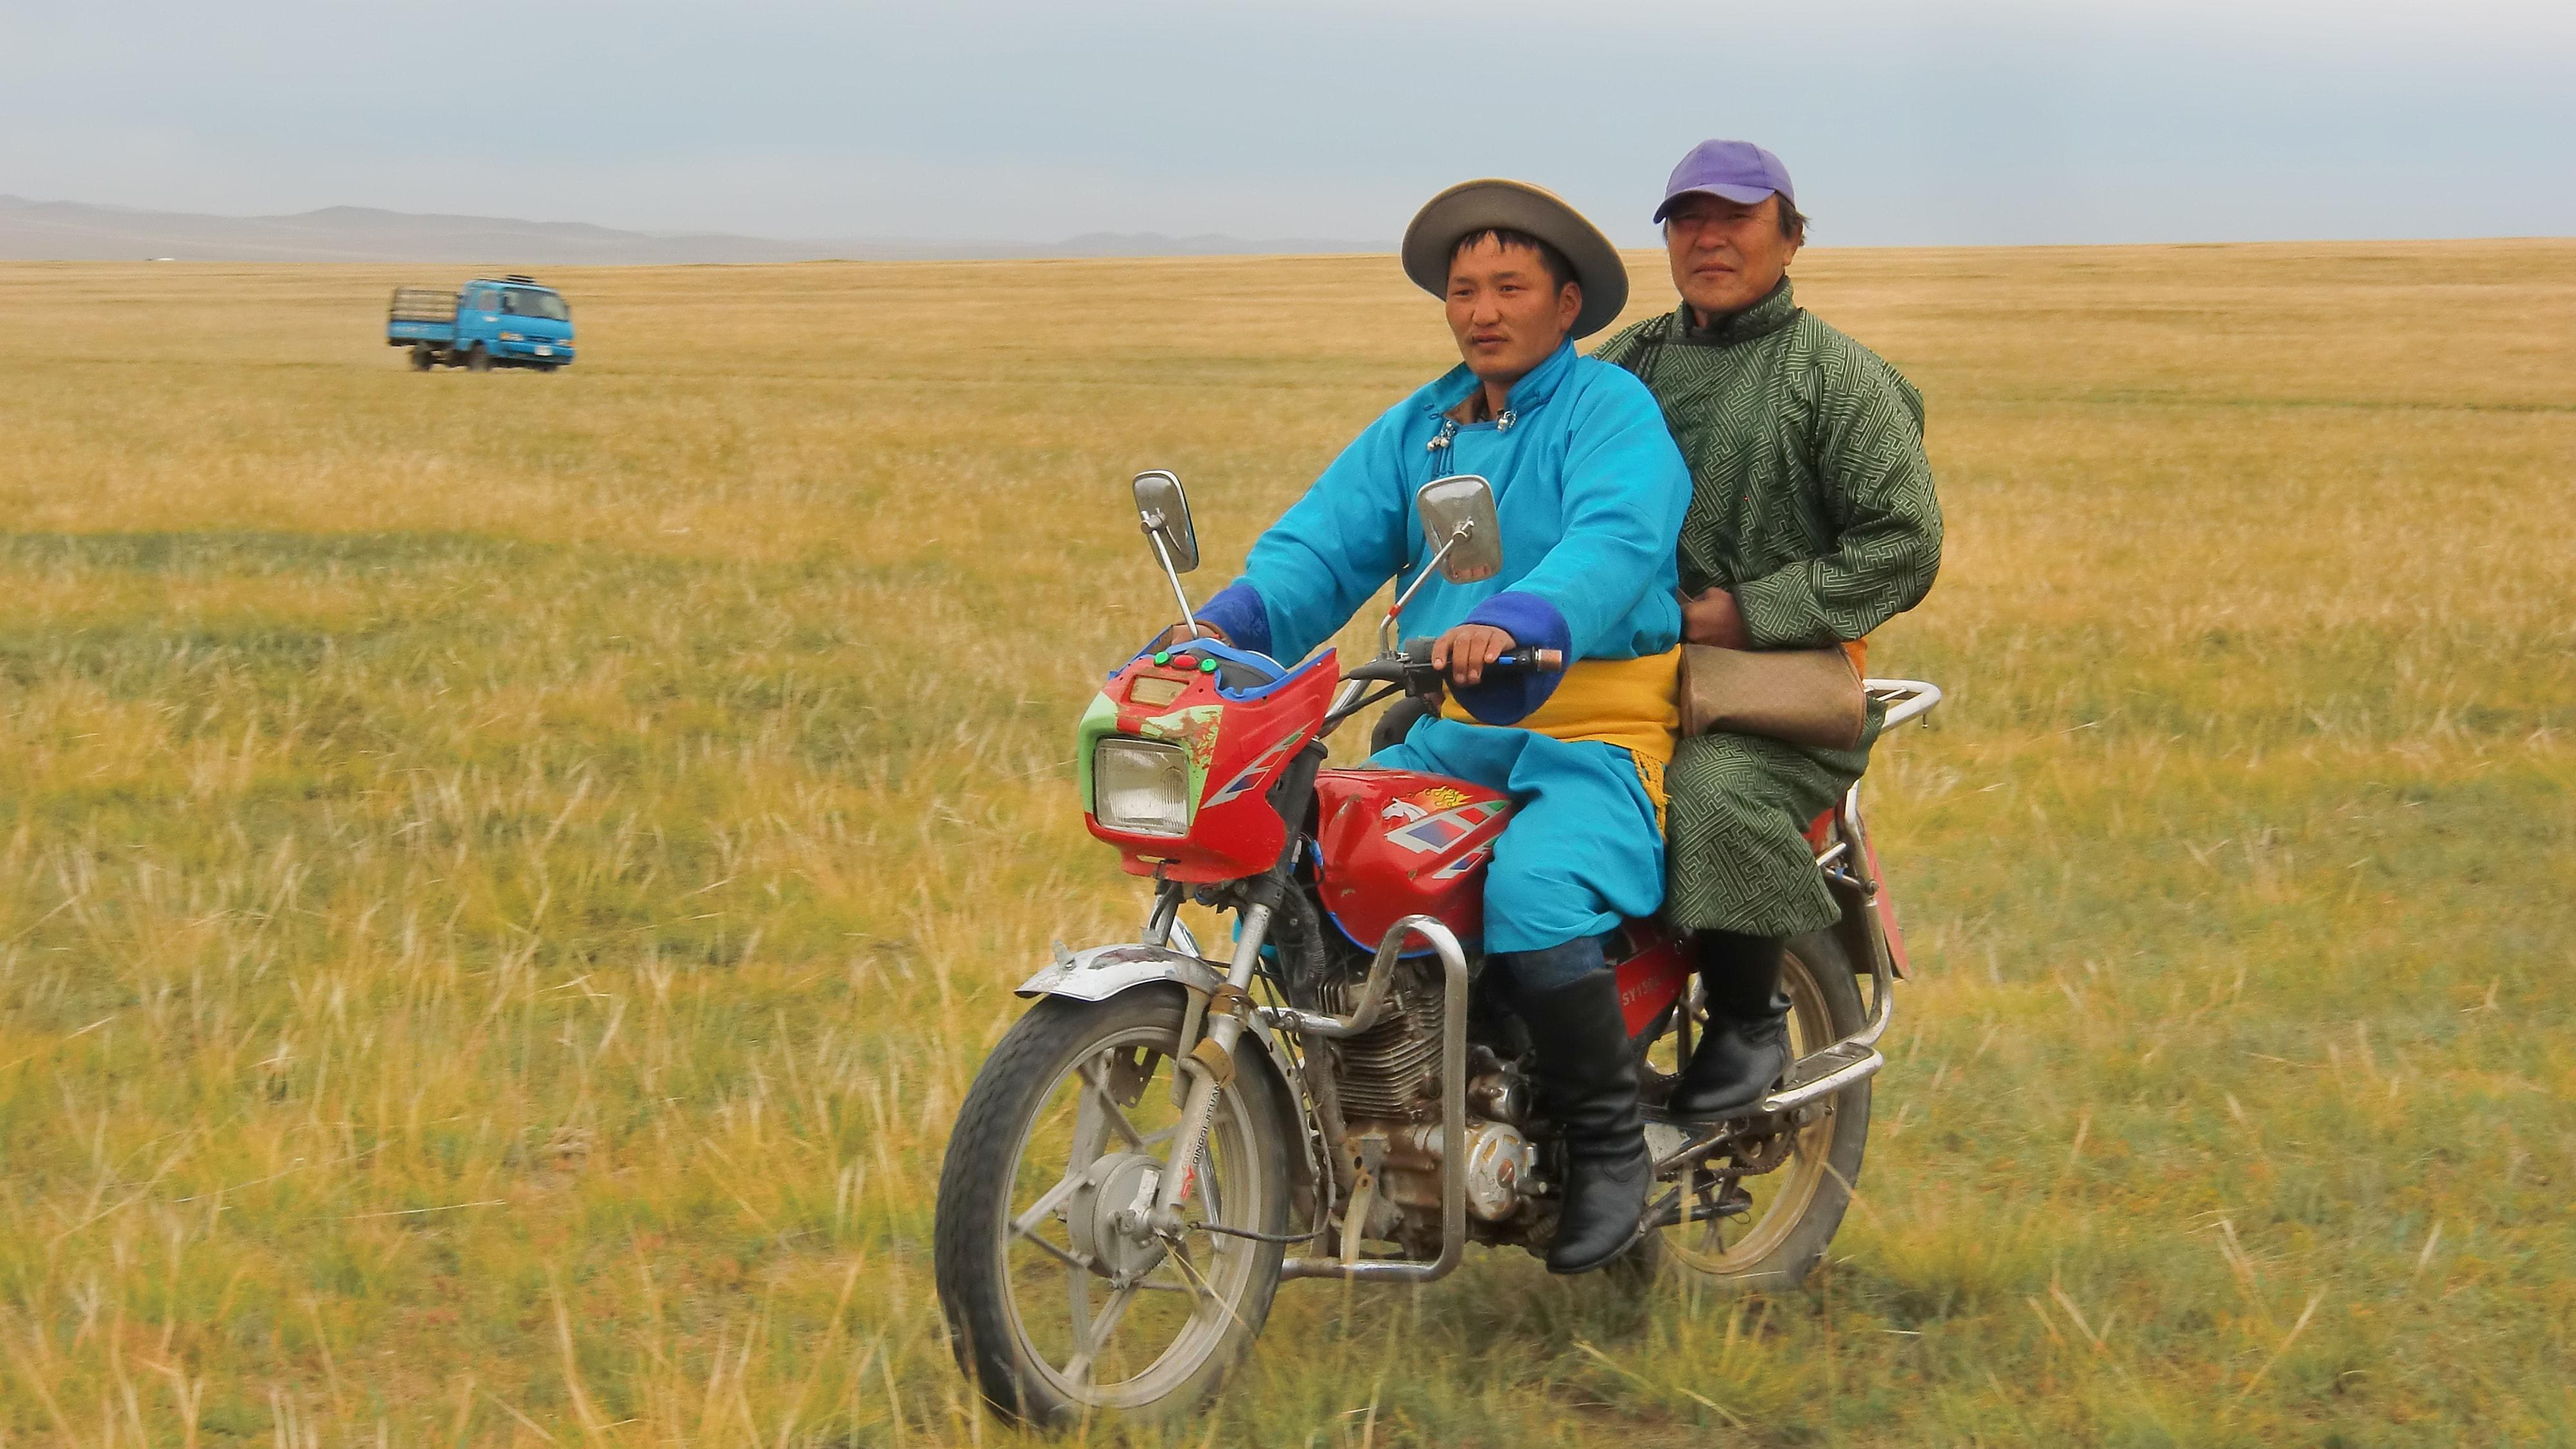 Männer auf einem Motorrad in der Mongolei